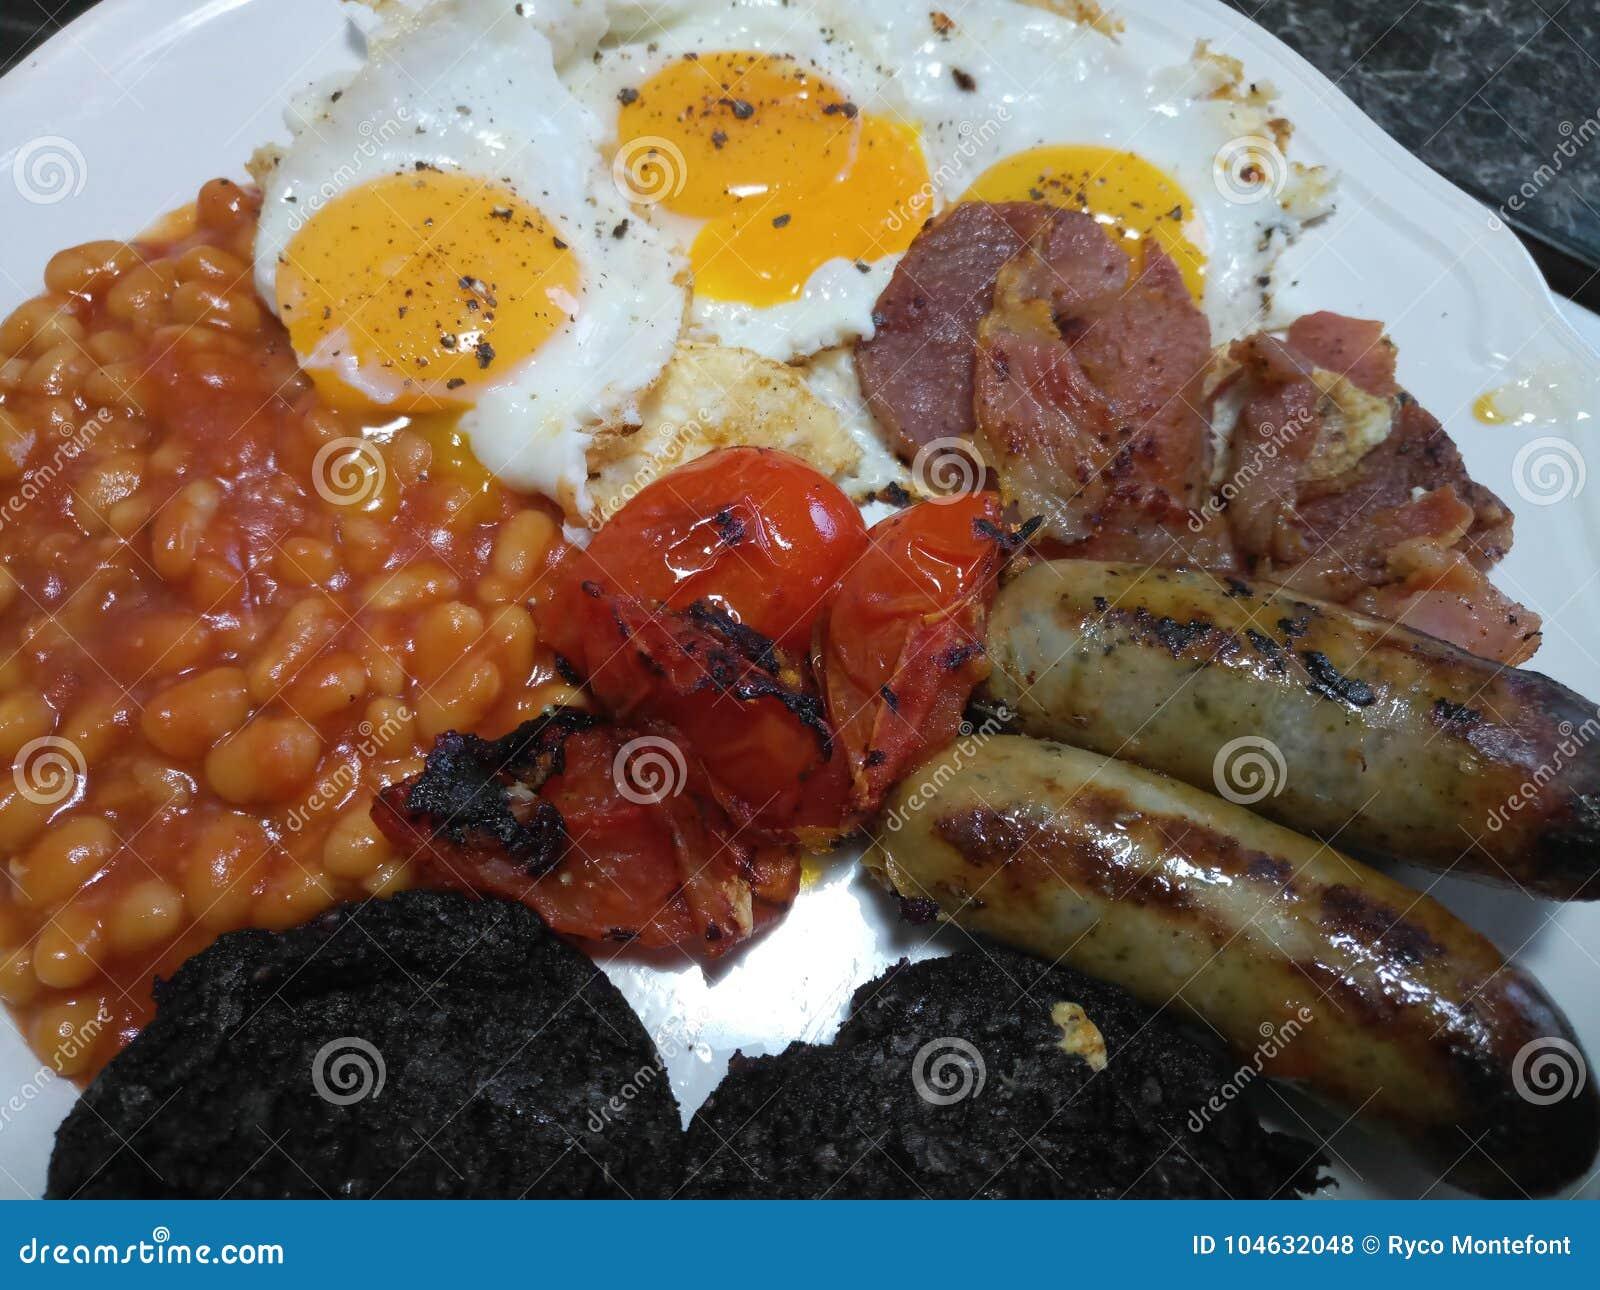 Download De Eierenbonen Van Het Worstenbacon En Bloedworst Stock Foto - Afbeelding bestaande uit gediend, bonen: 104632048